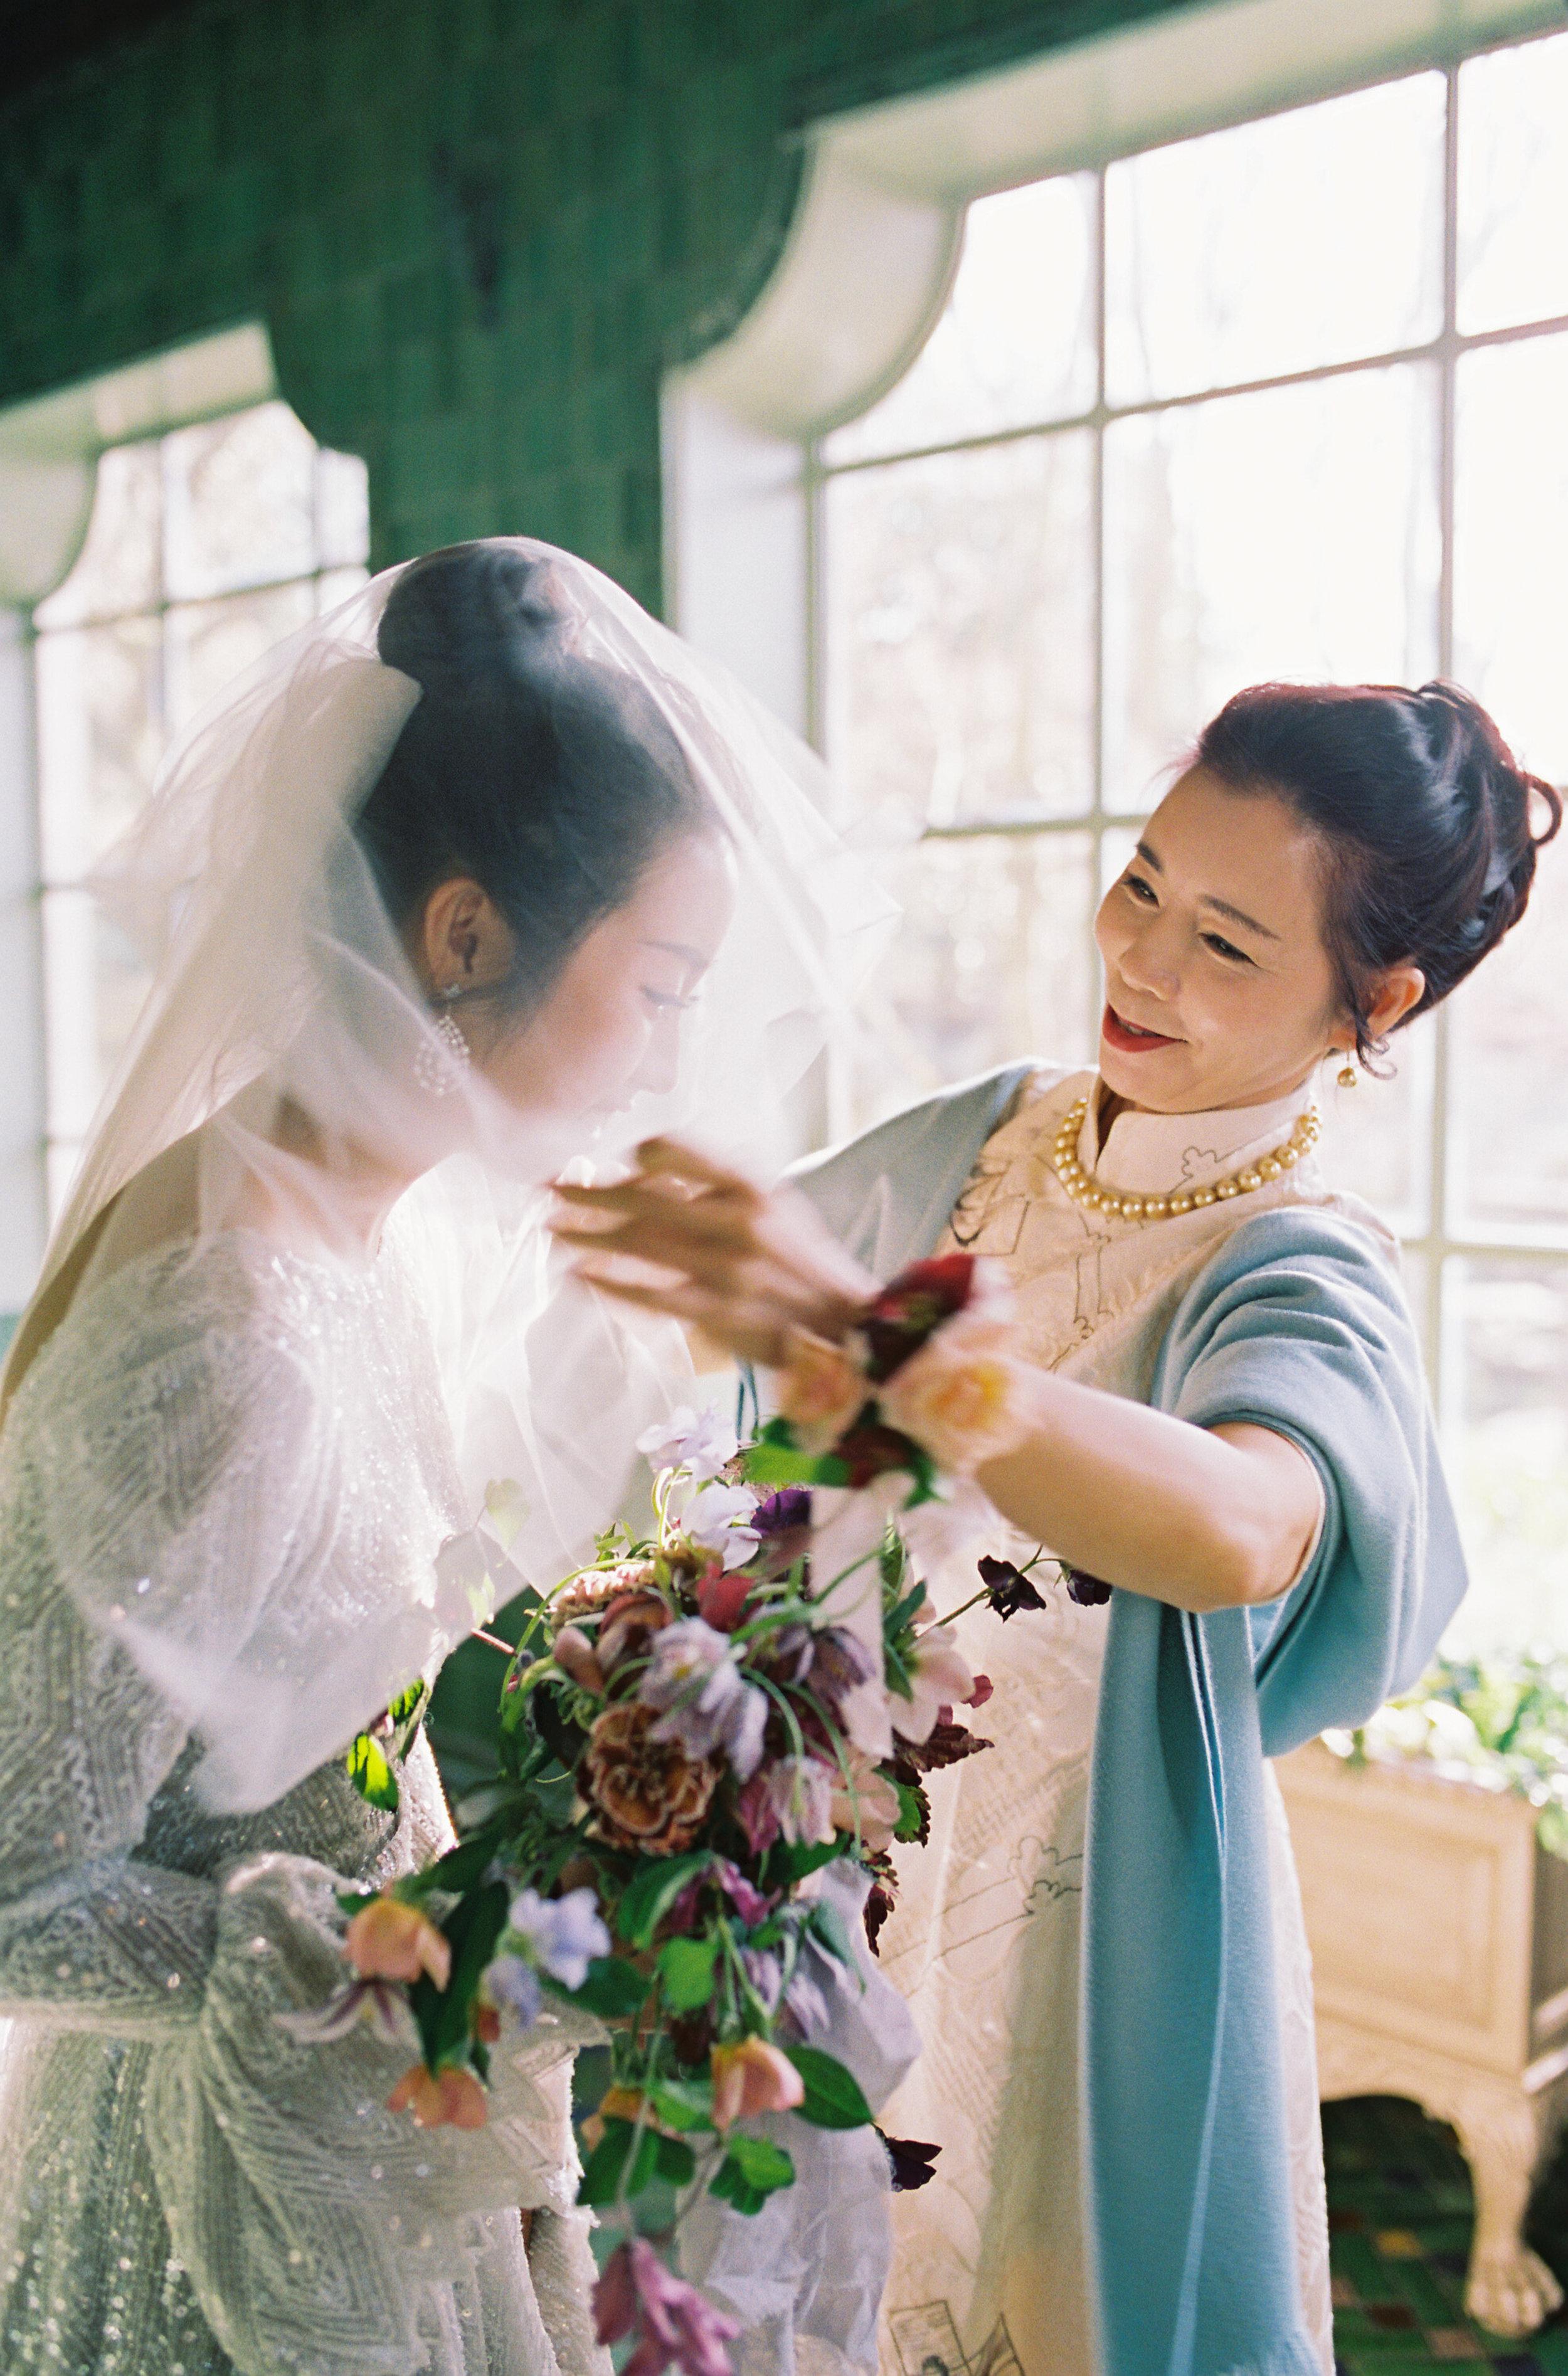 JB-Editorial-128-Jen_Huang-032524-R1-032.jpg